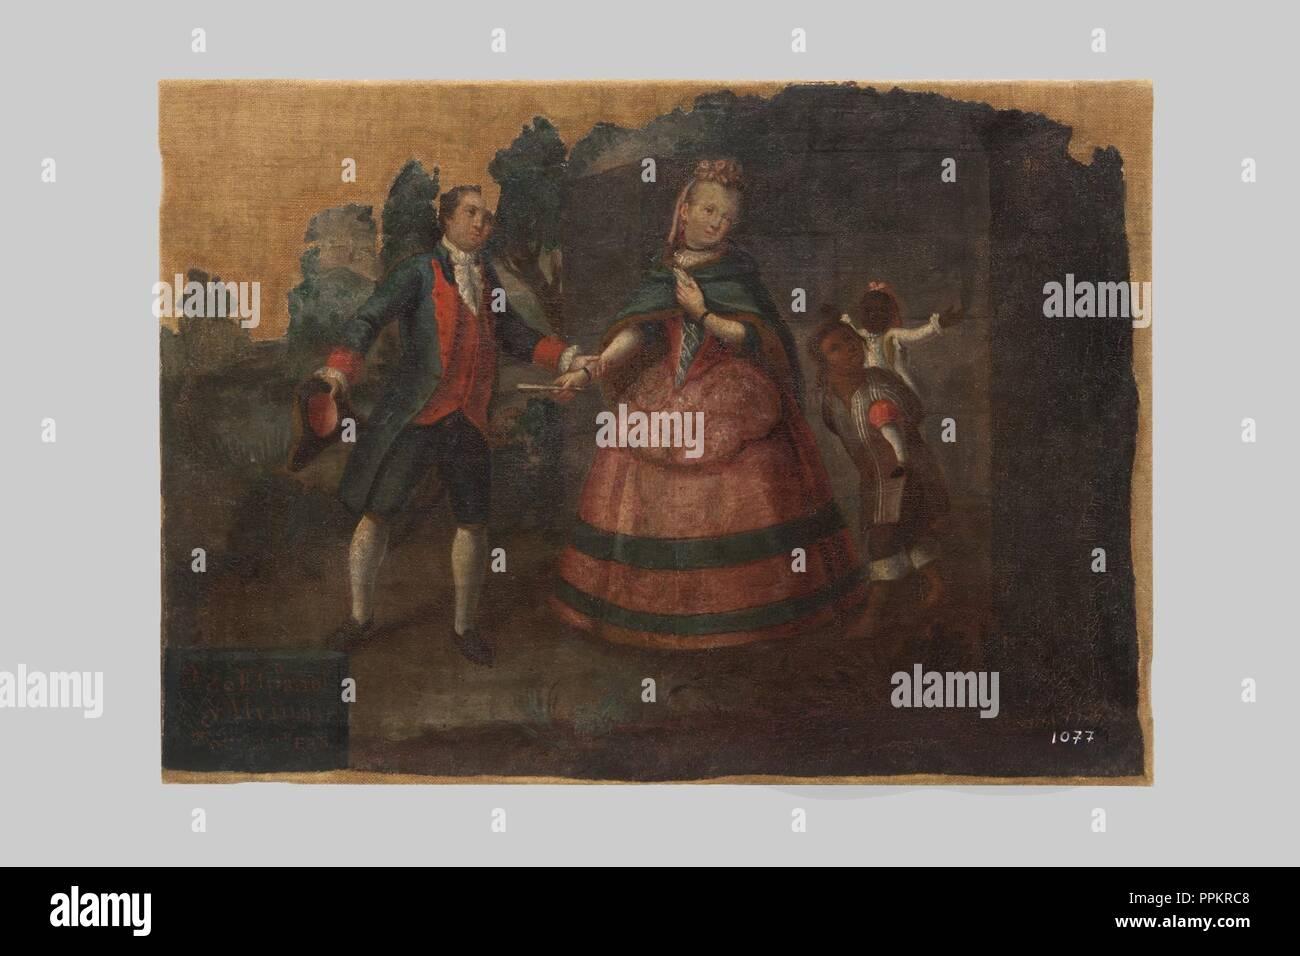 Anònim - '9 de Español y Alvina, Torna atrás' - 1077. Imagen De Stock